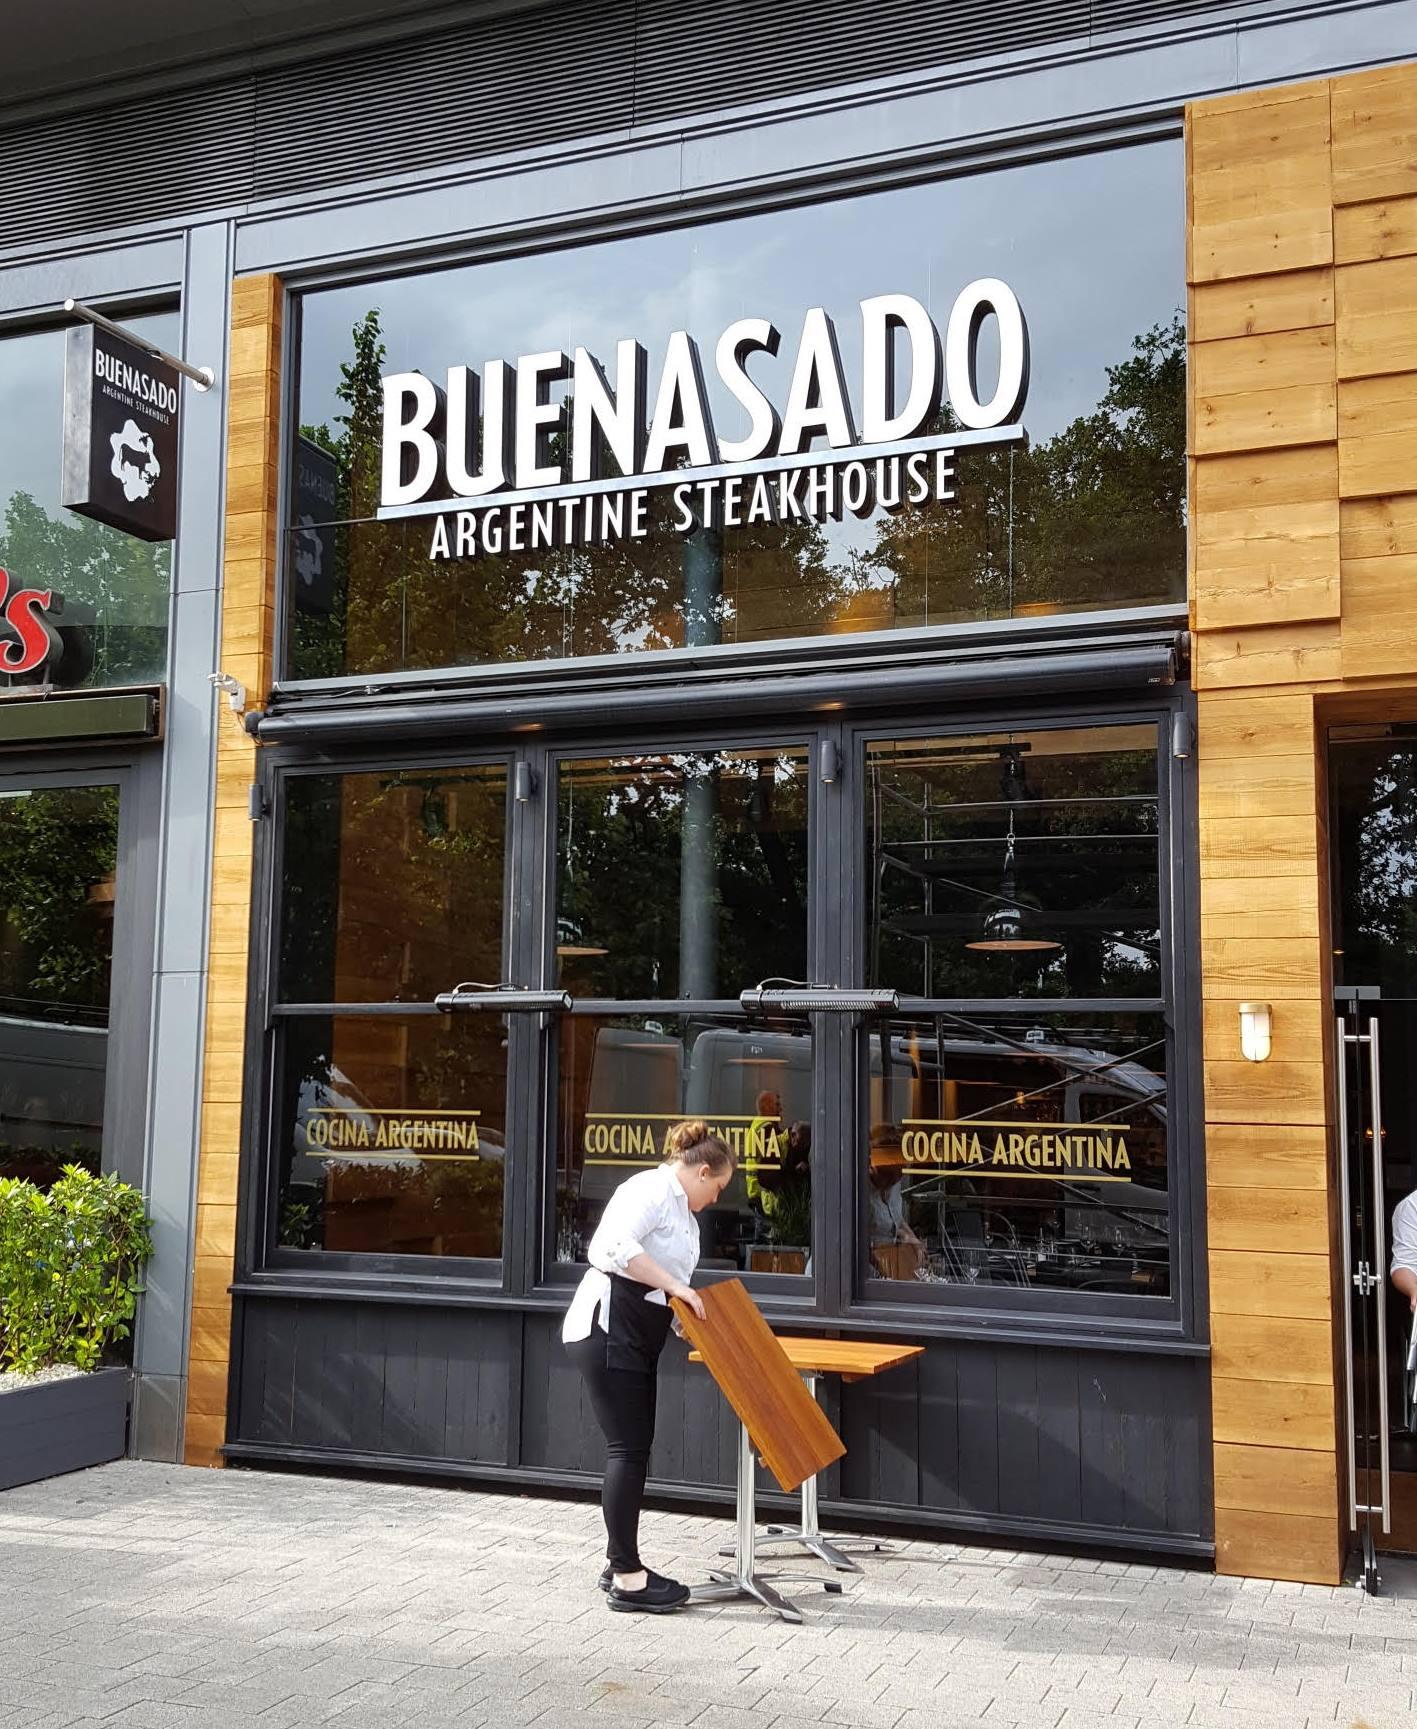 Buenasado7.jpg